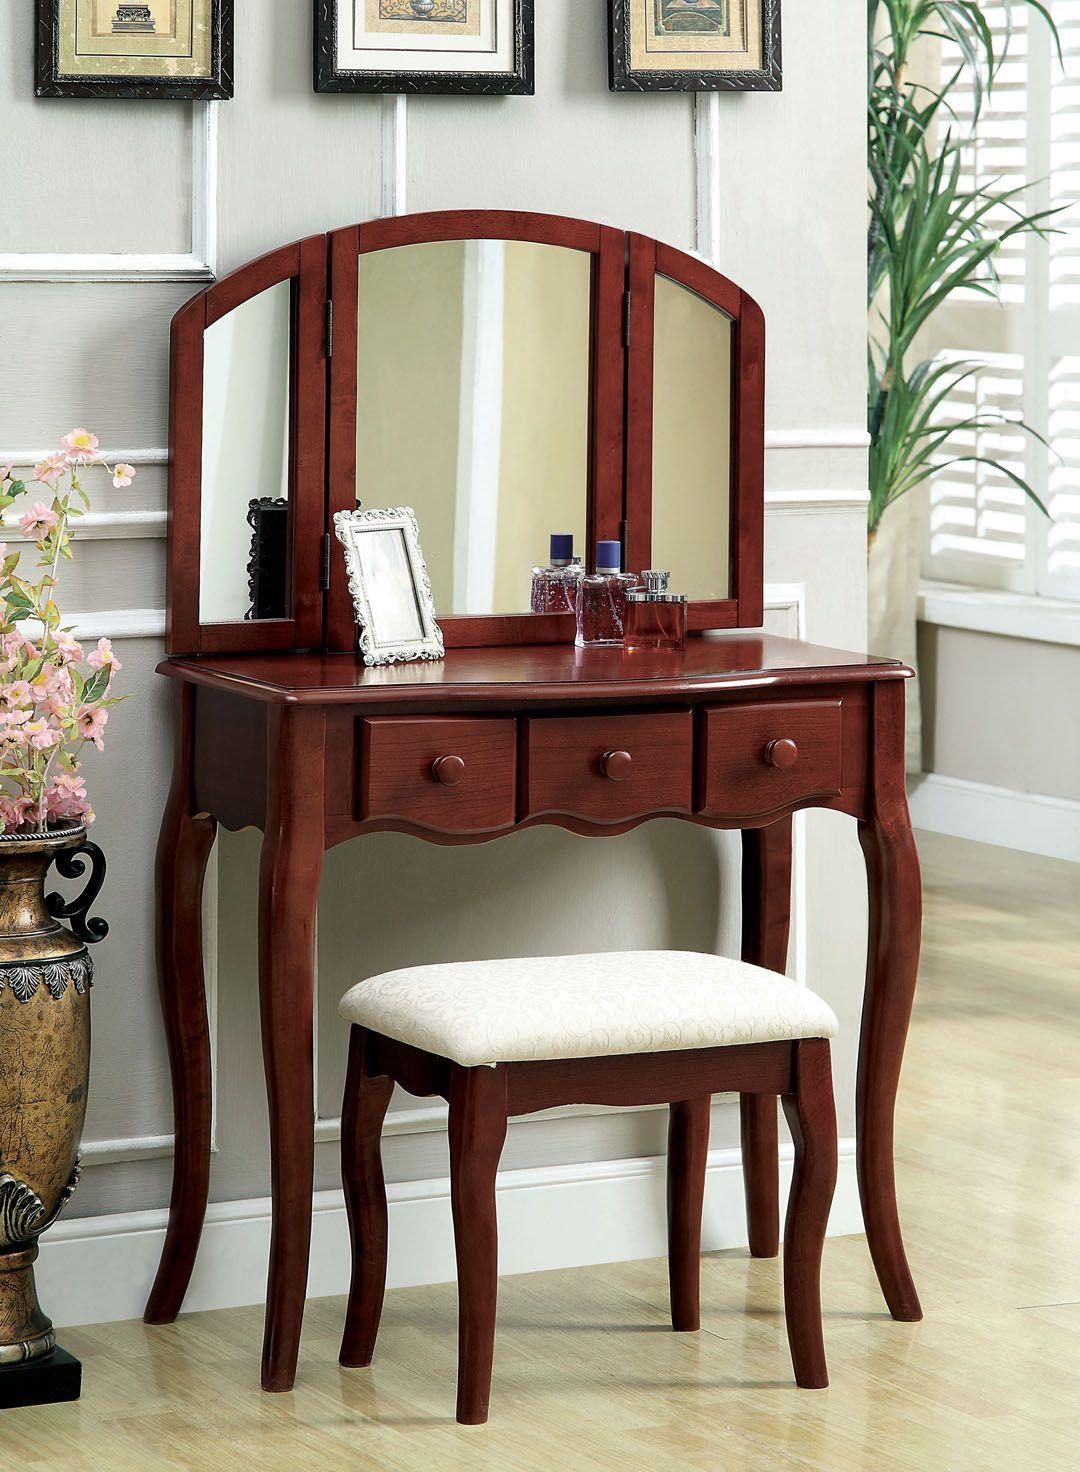 A M B Furniture Design Bedroom Vanity Sets 3 Pc